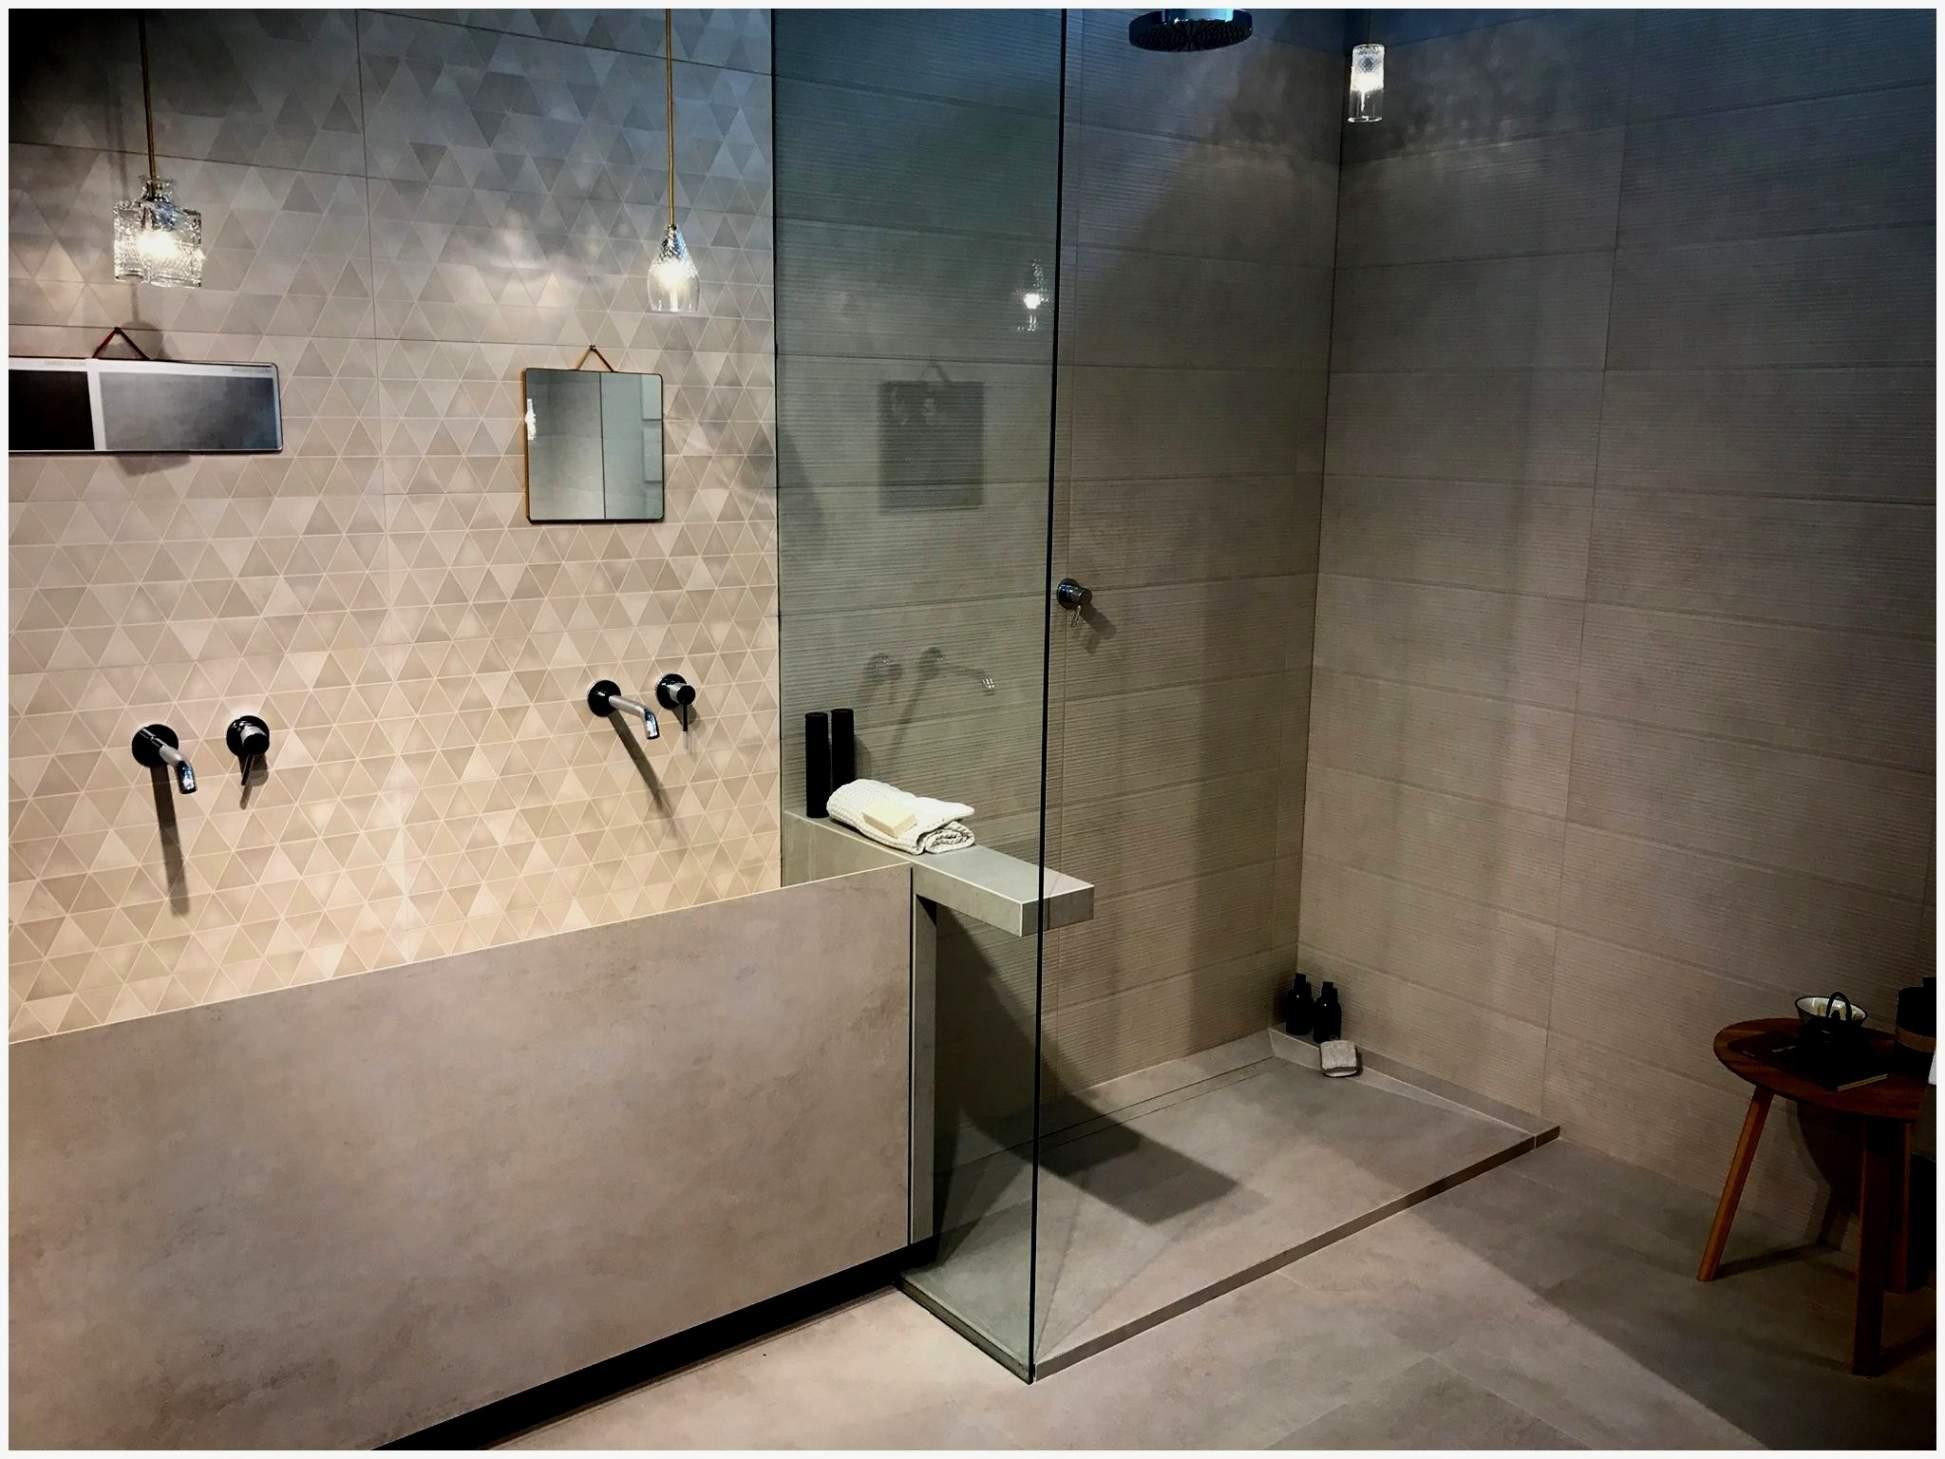 fliesen badezimmer preise kosten badezimmer fliesen fliesen bad rolladenkasten innen verschonern rolladenkasten innen verschonern